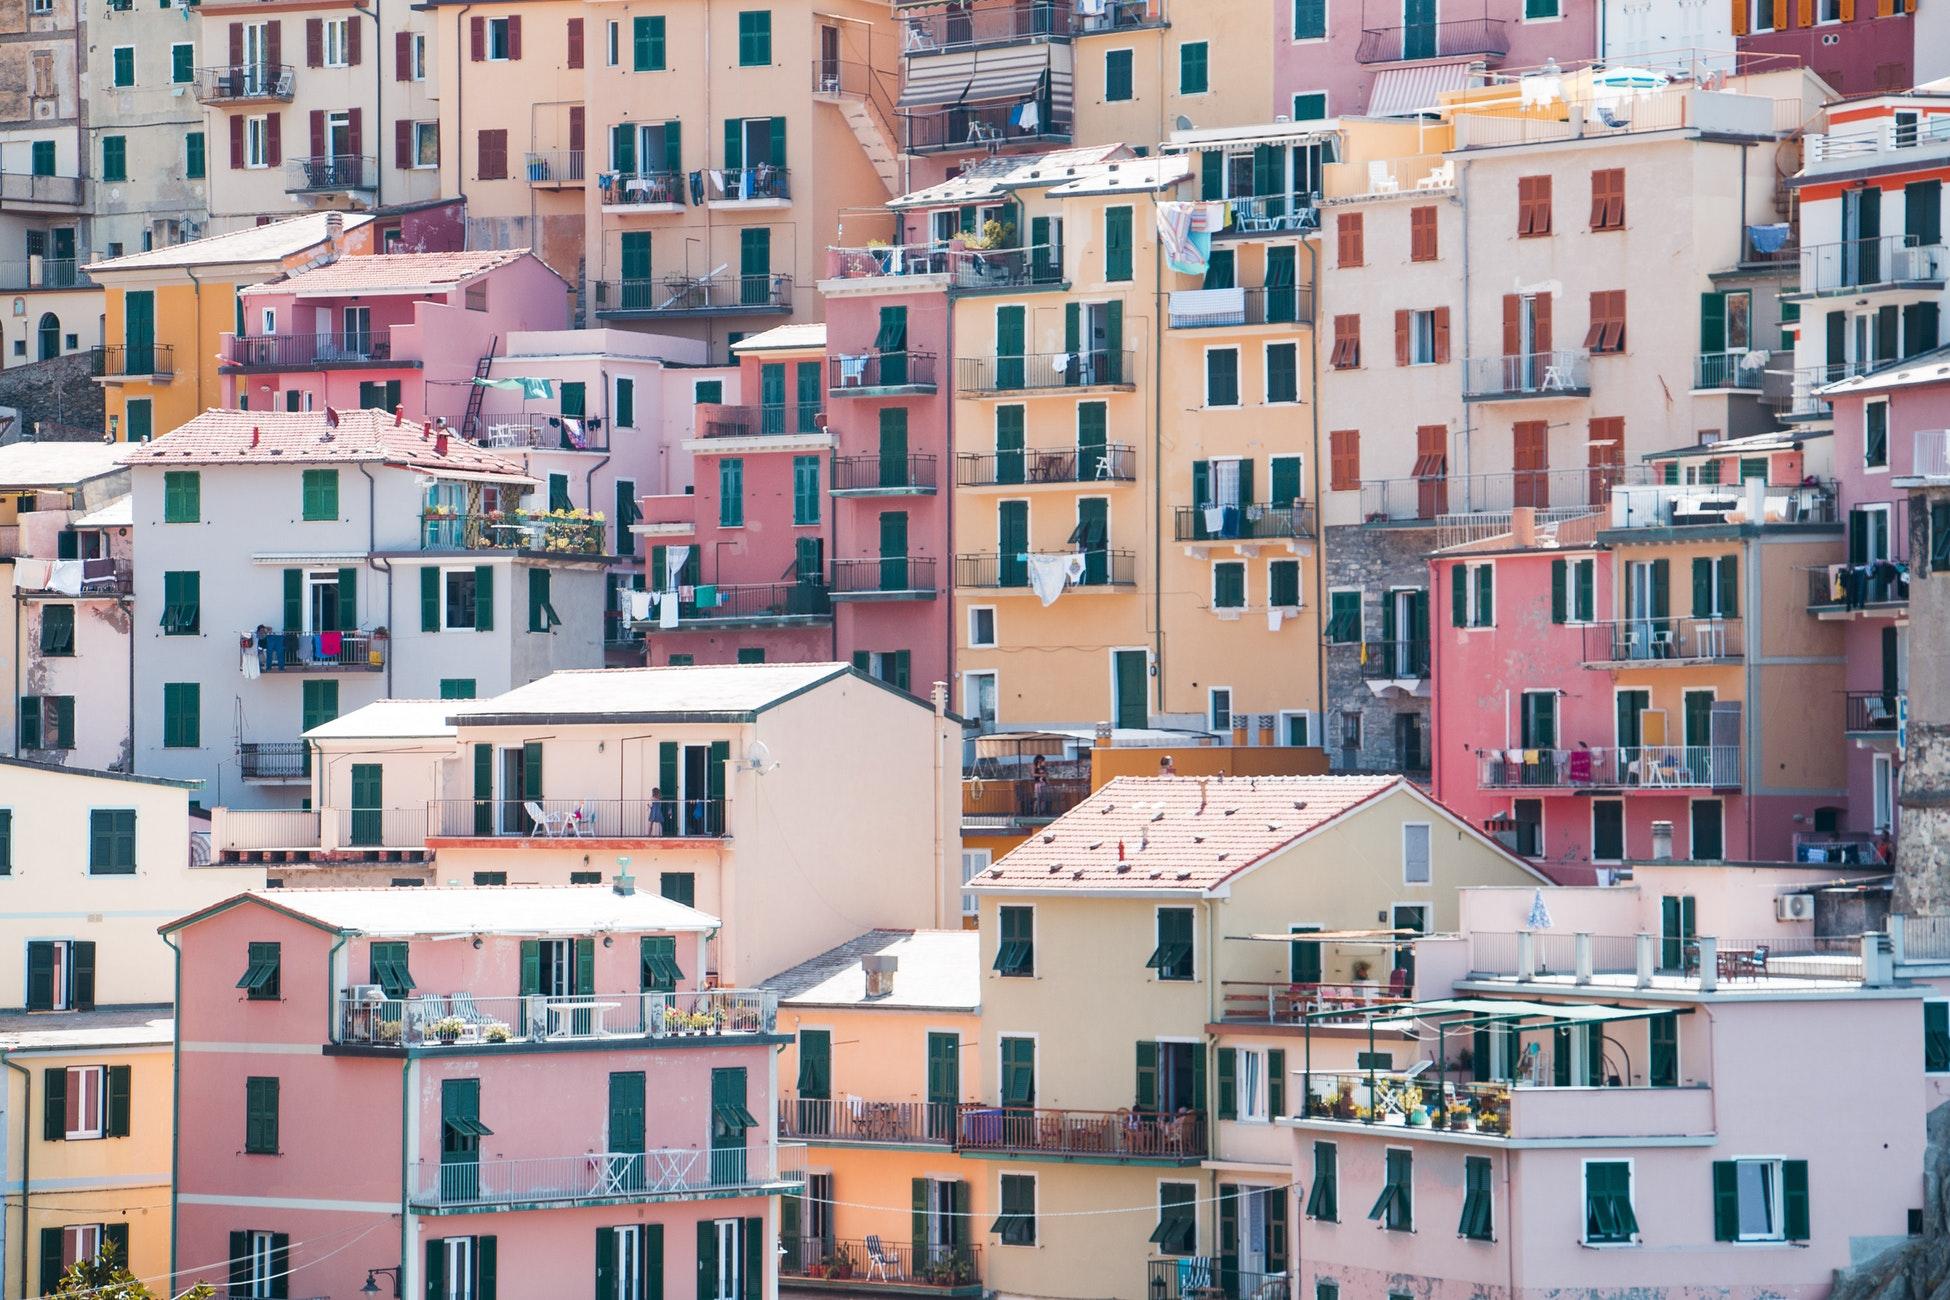 Städtebauliches Kolloquium: Gemischte Quartiere